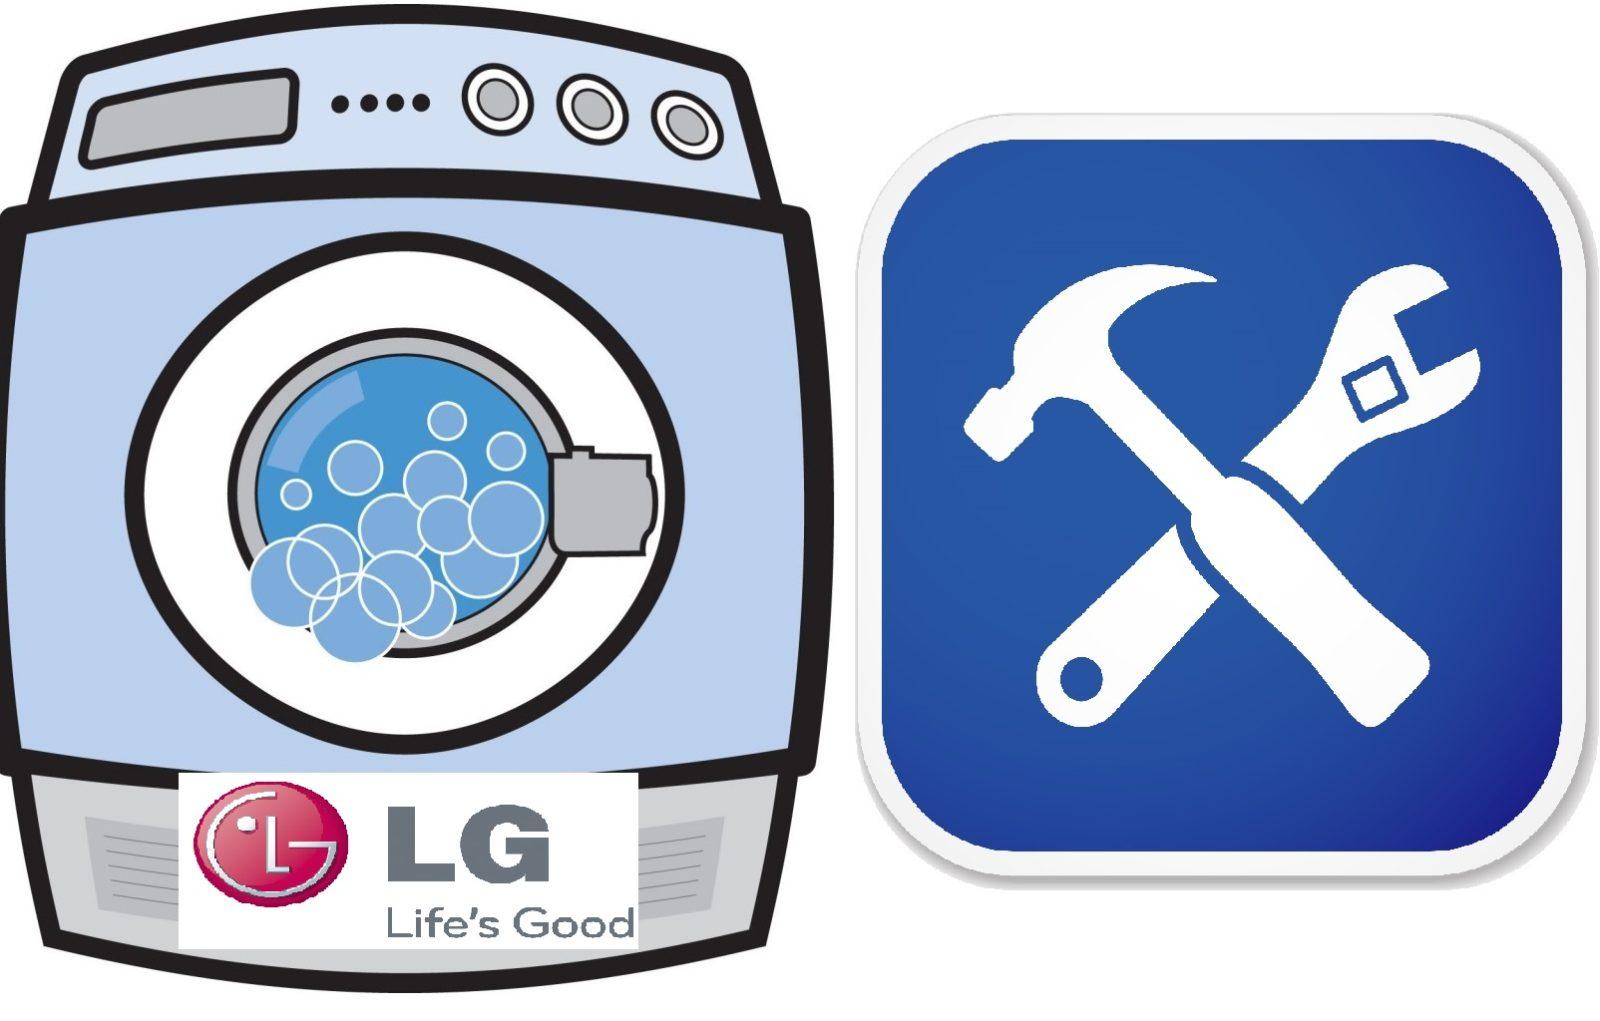 Cтиральная машина LG не сливает воду и не отжимает